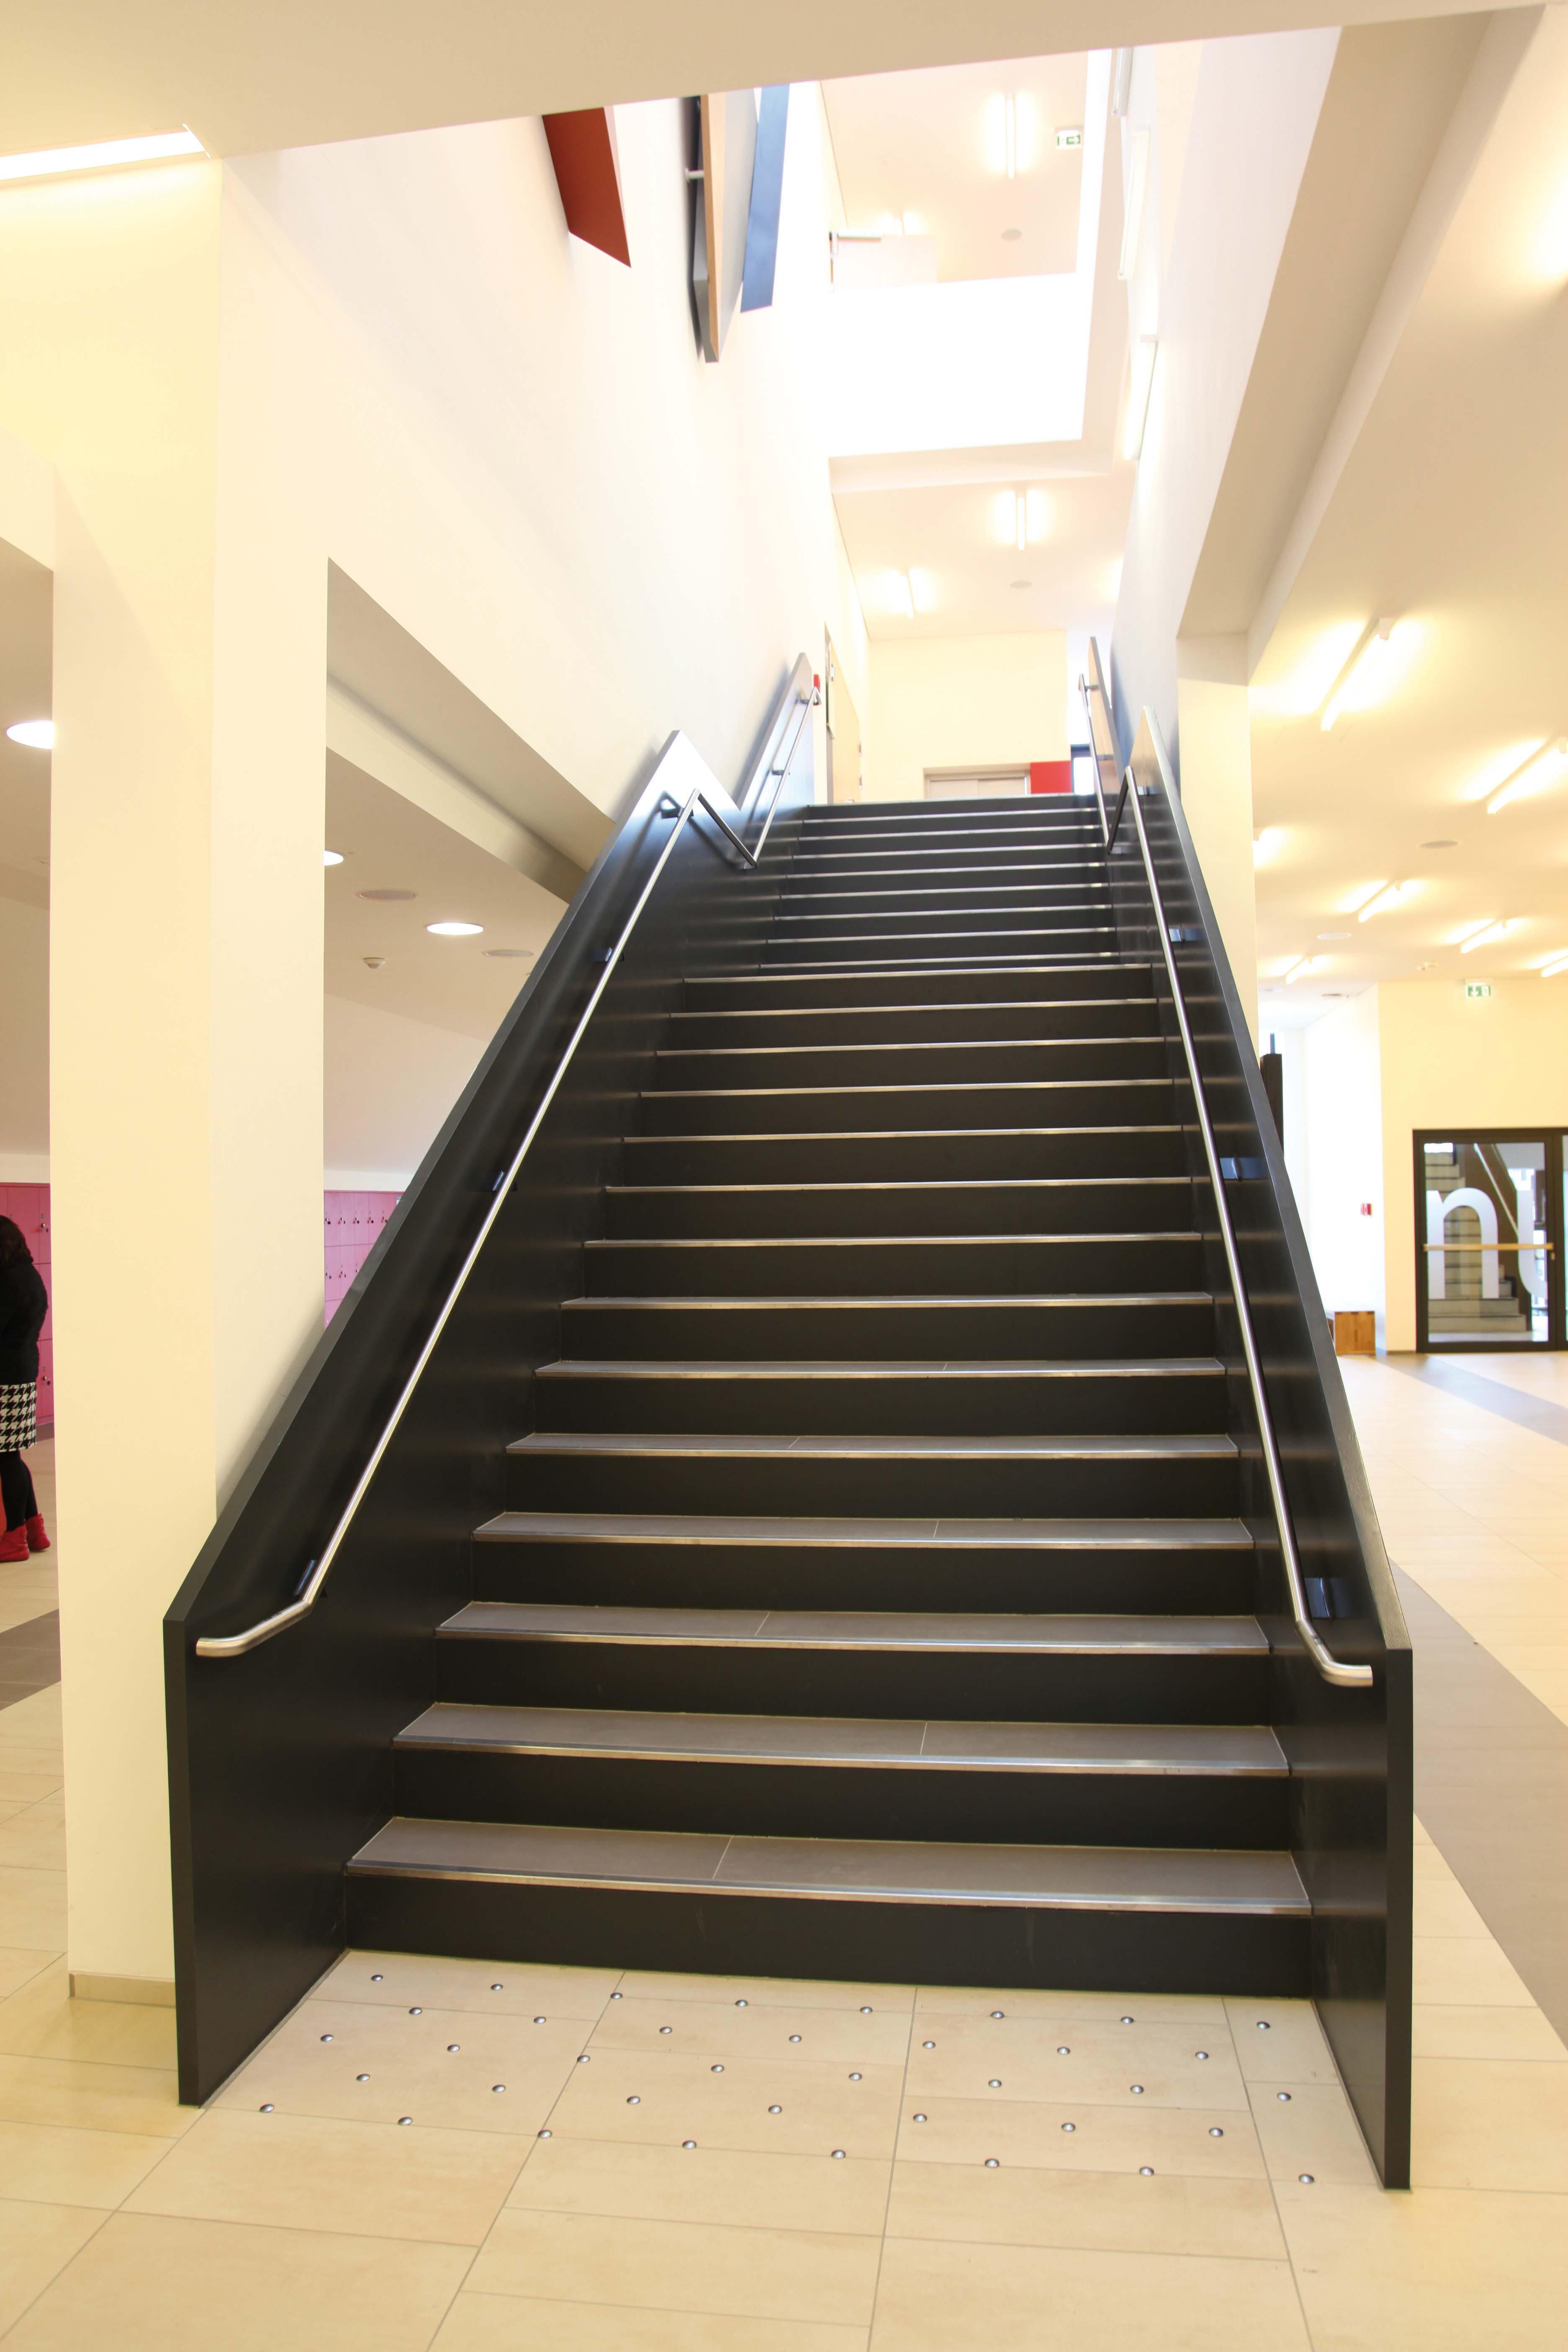 6 4 orientierungshilfen an treppen und einzelstufen 6 treppen und stufen erschlie ung. Black Bedroom Furniture Sets. Home Design Ideas